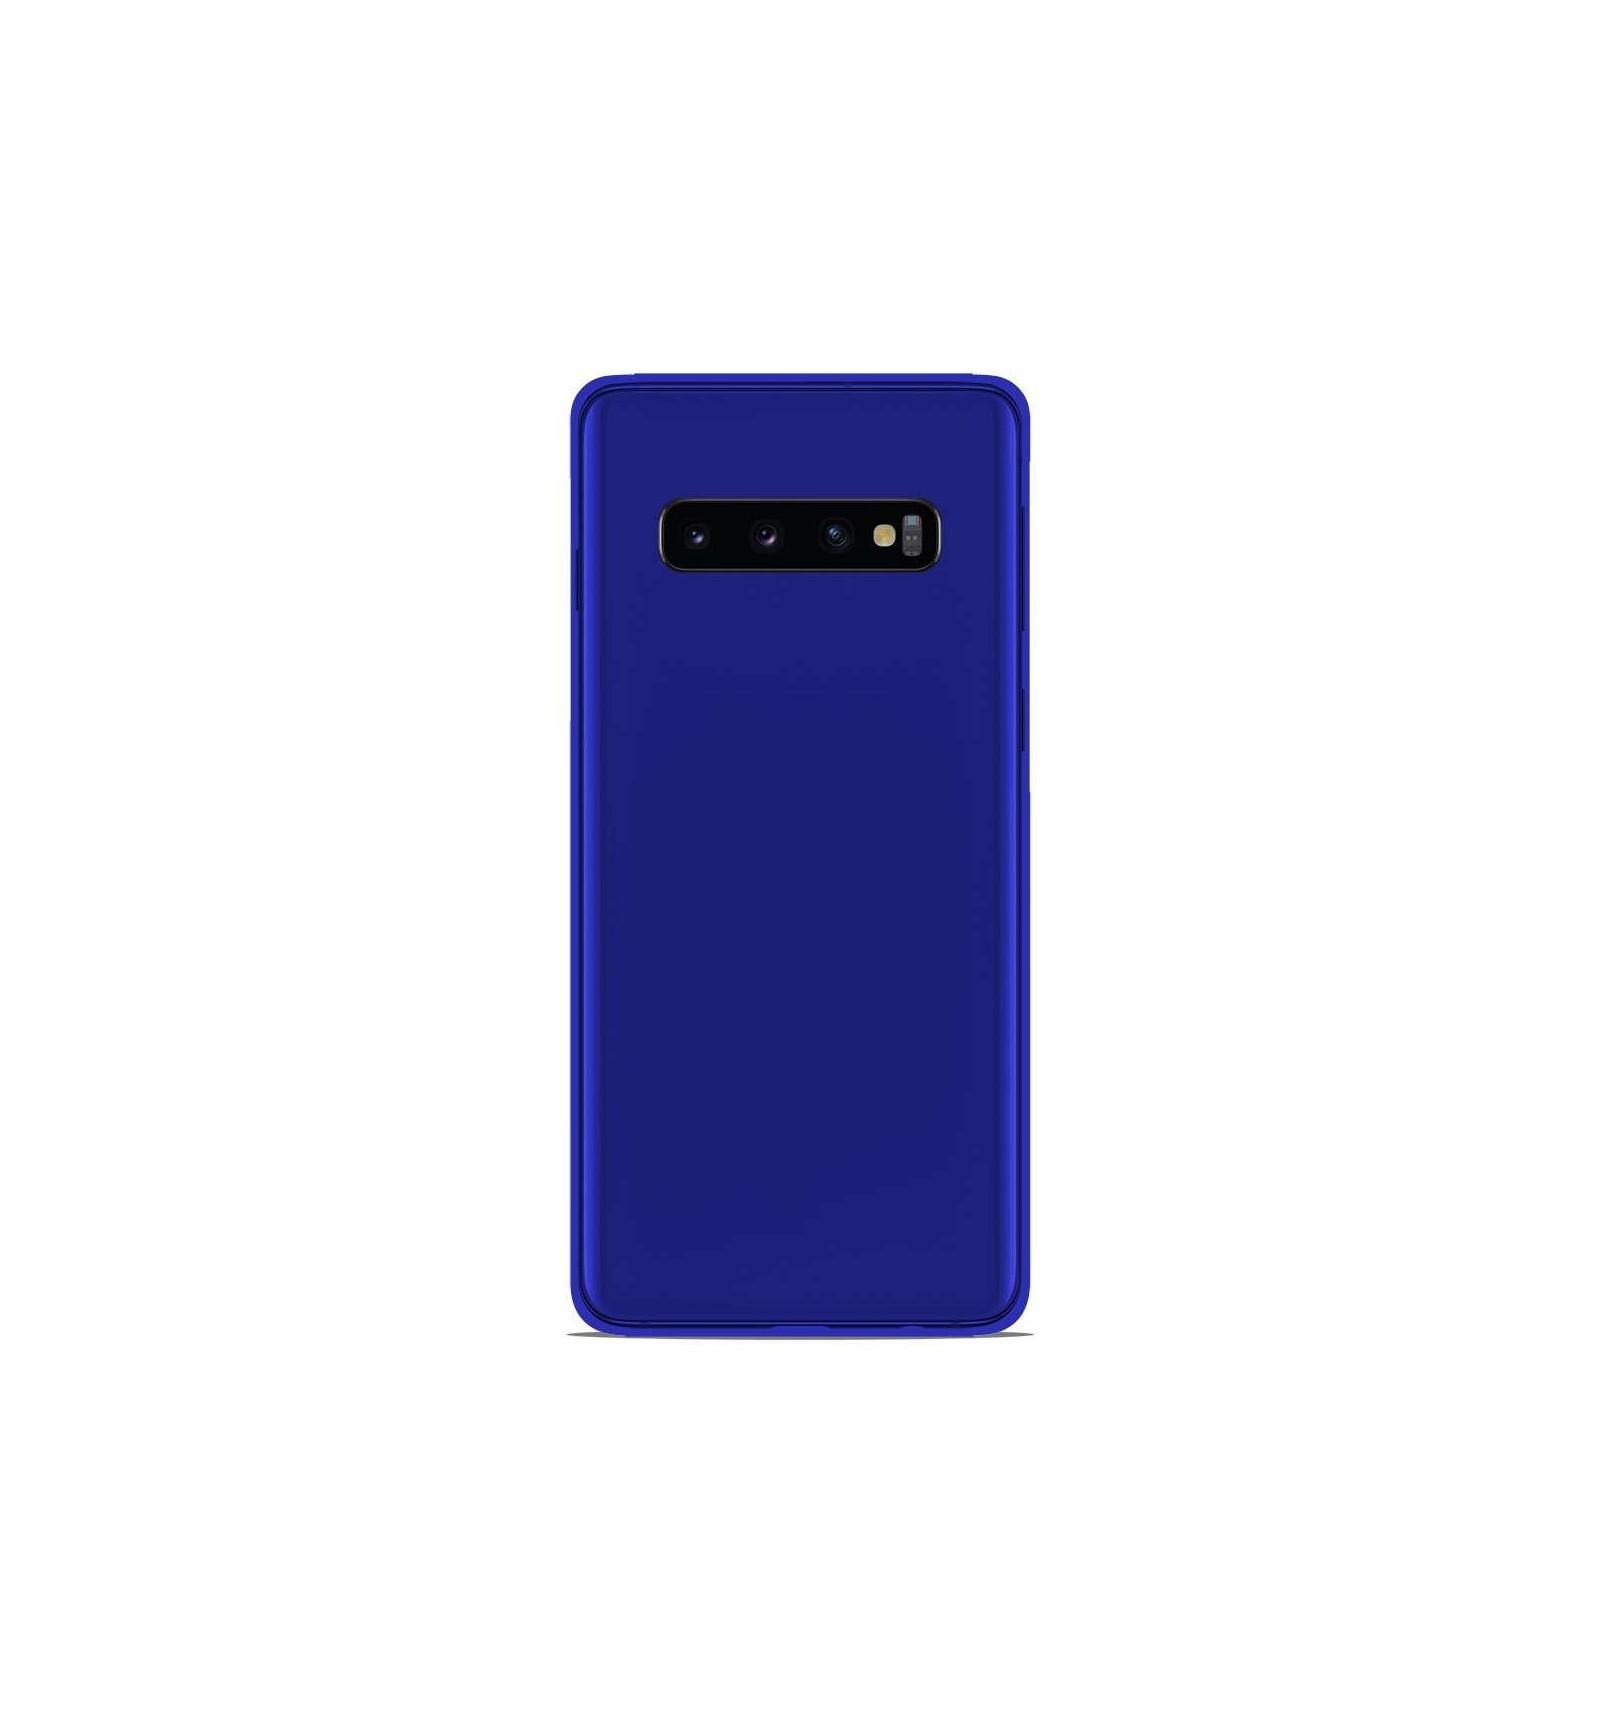 coque galaxy s 10 bleu